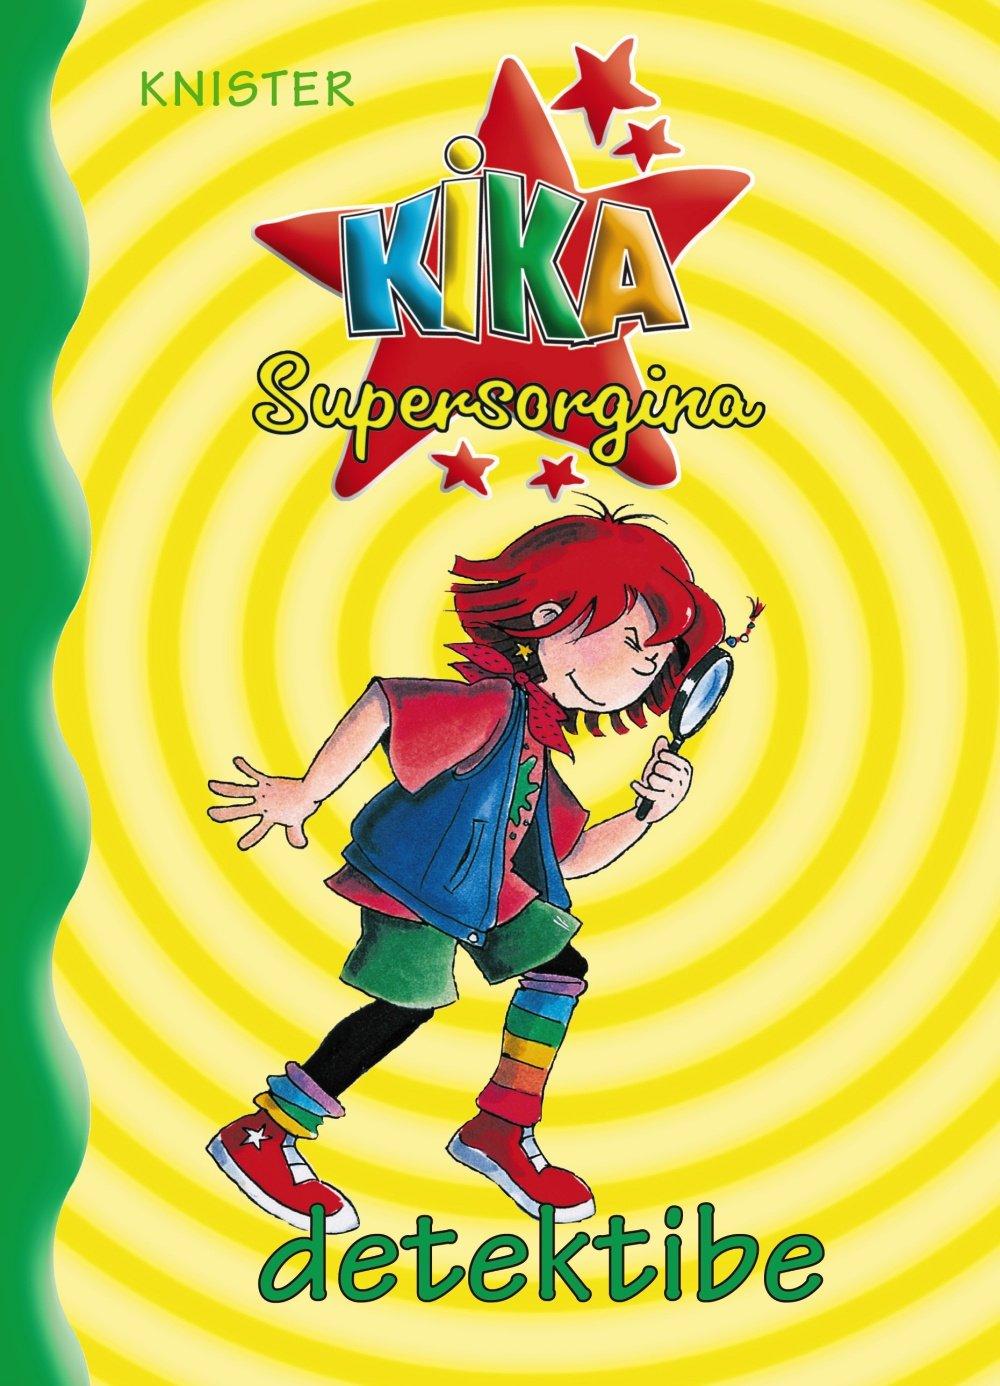 Kika Supersorgina detektibe (Euskara - 8 Urte + - Pertsonaiak - Kika Supersorgina) (Euskera) Tapa blanda – 27 ago 2008 KNISTER Birgit Rieger Mari Eli Ituarte Bruño